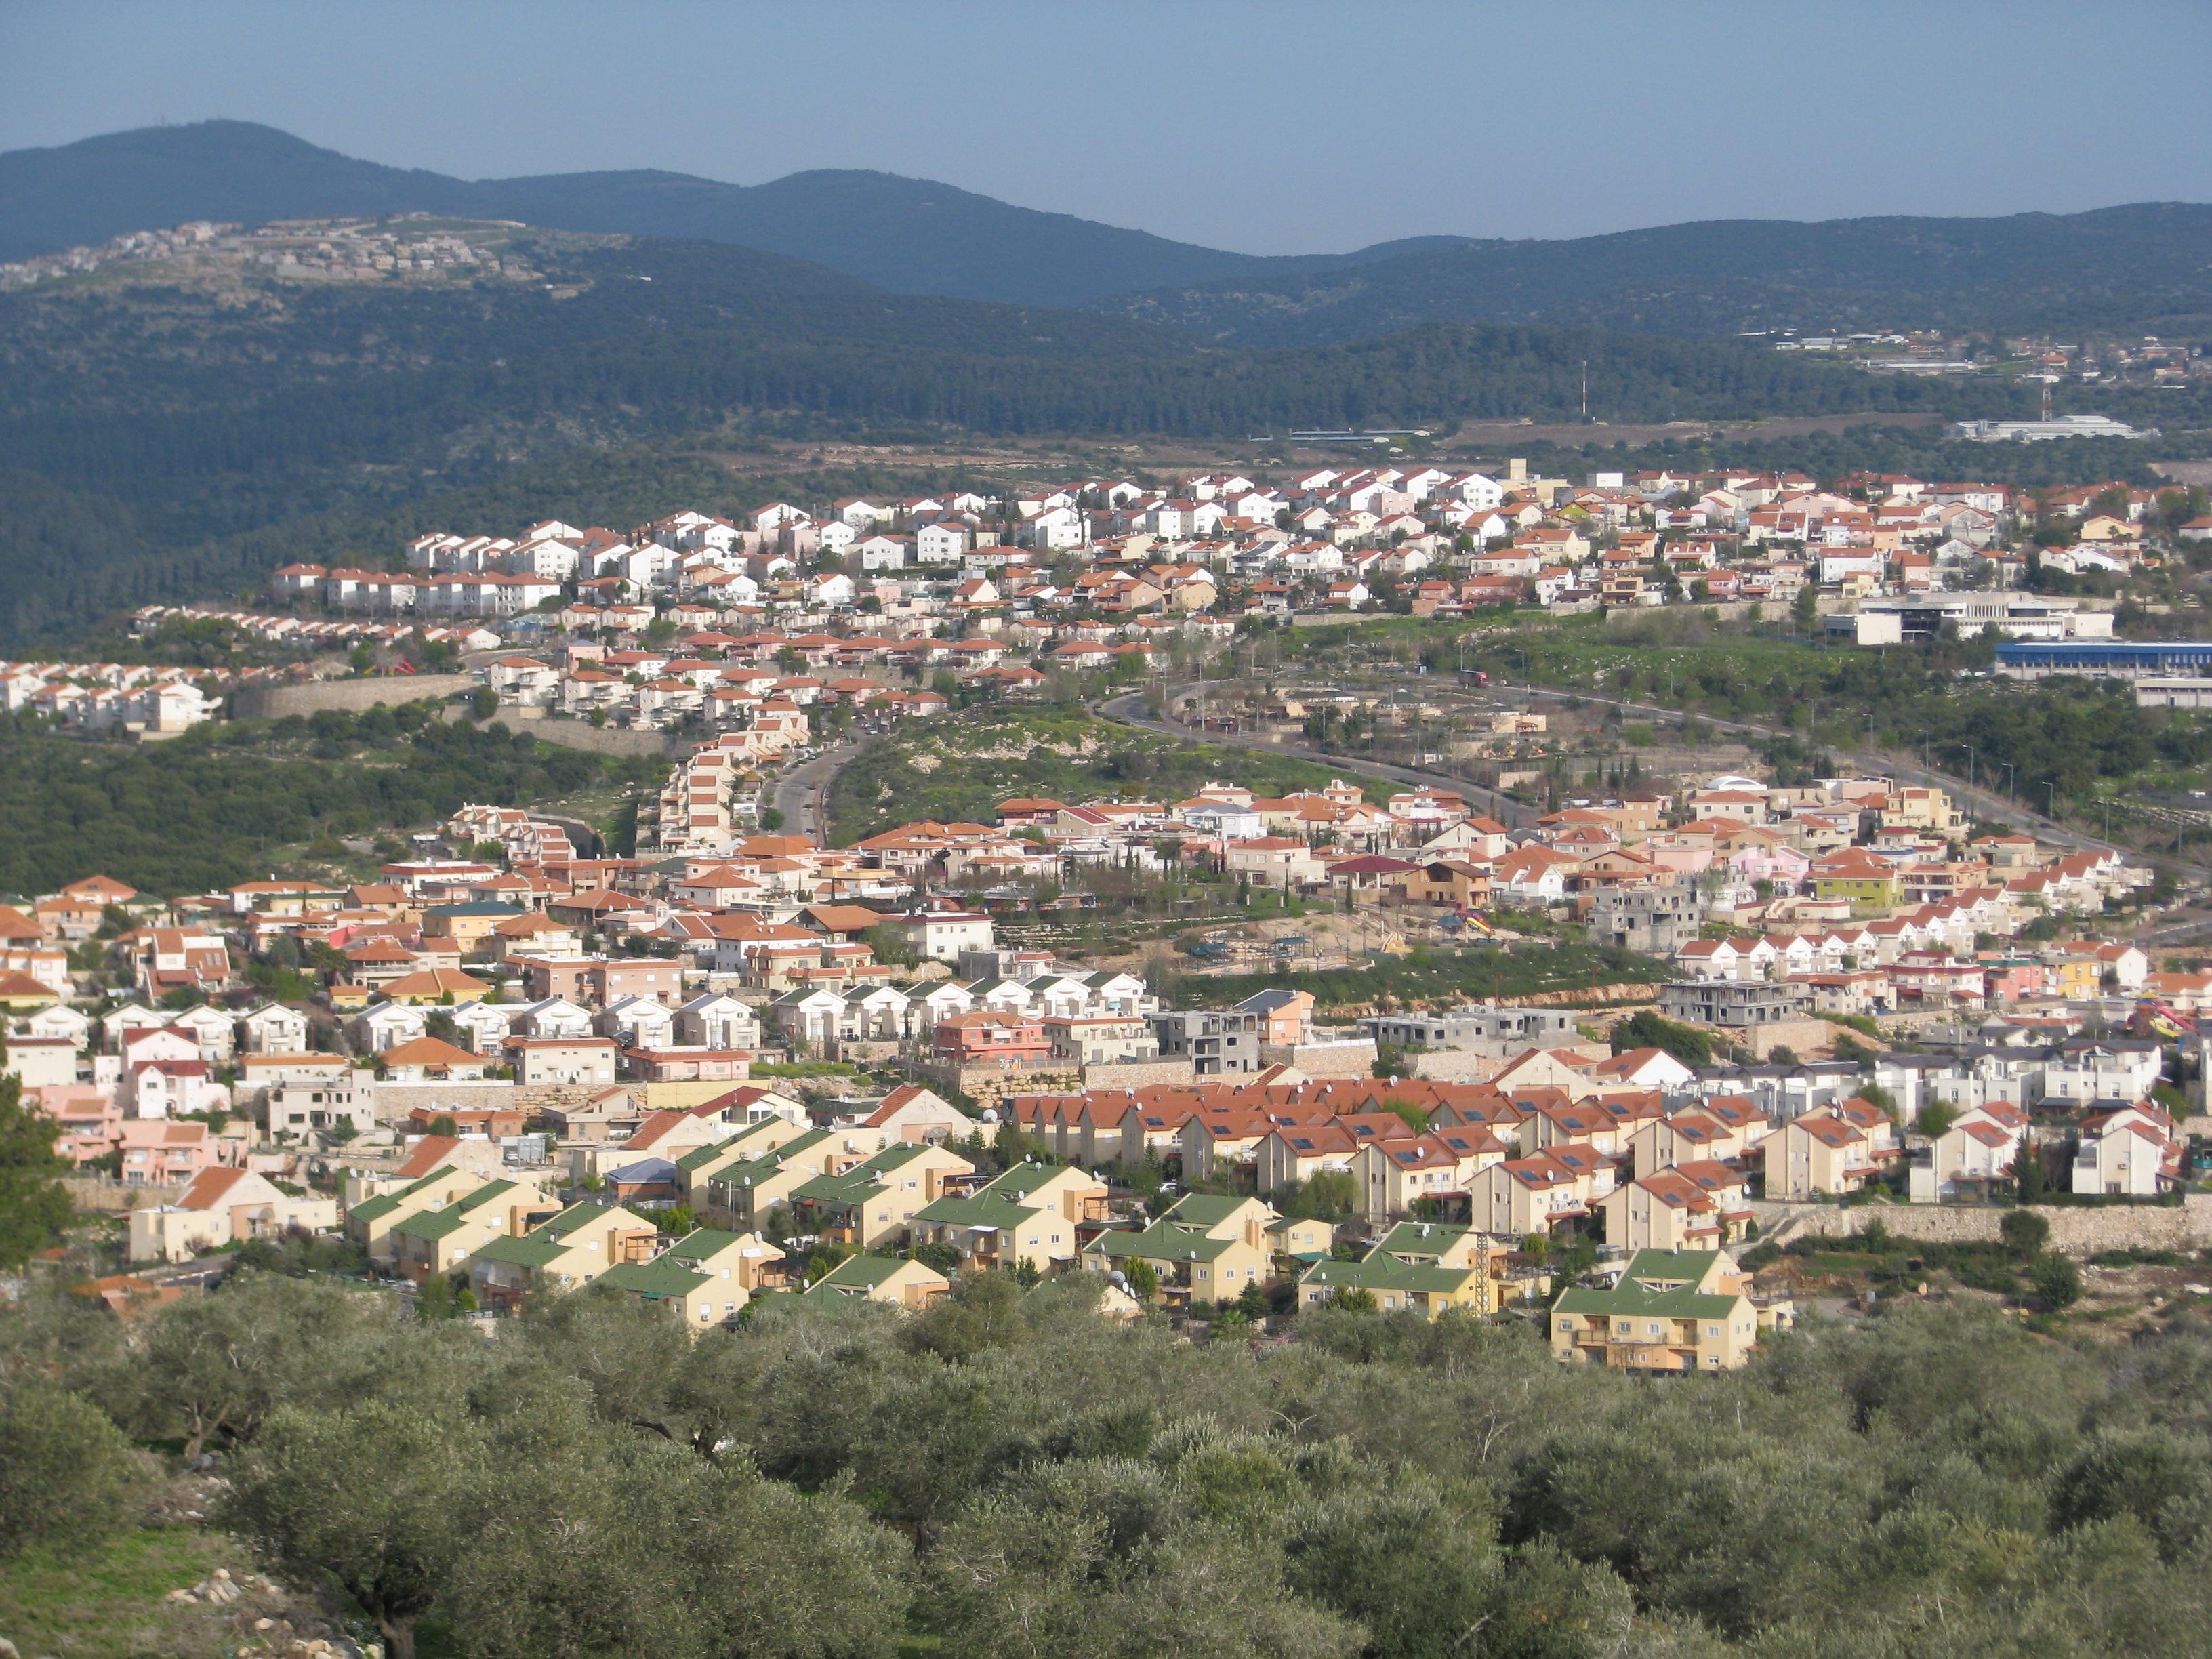 Maalot Tarshiha Israel  City new picture : PikiWiki Israel 14587 Maalot Wikimedia Commons